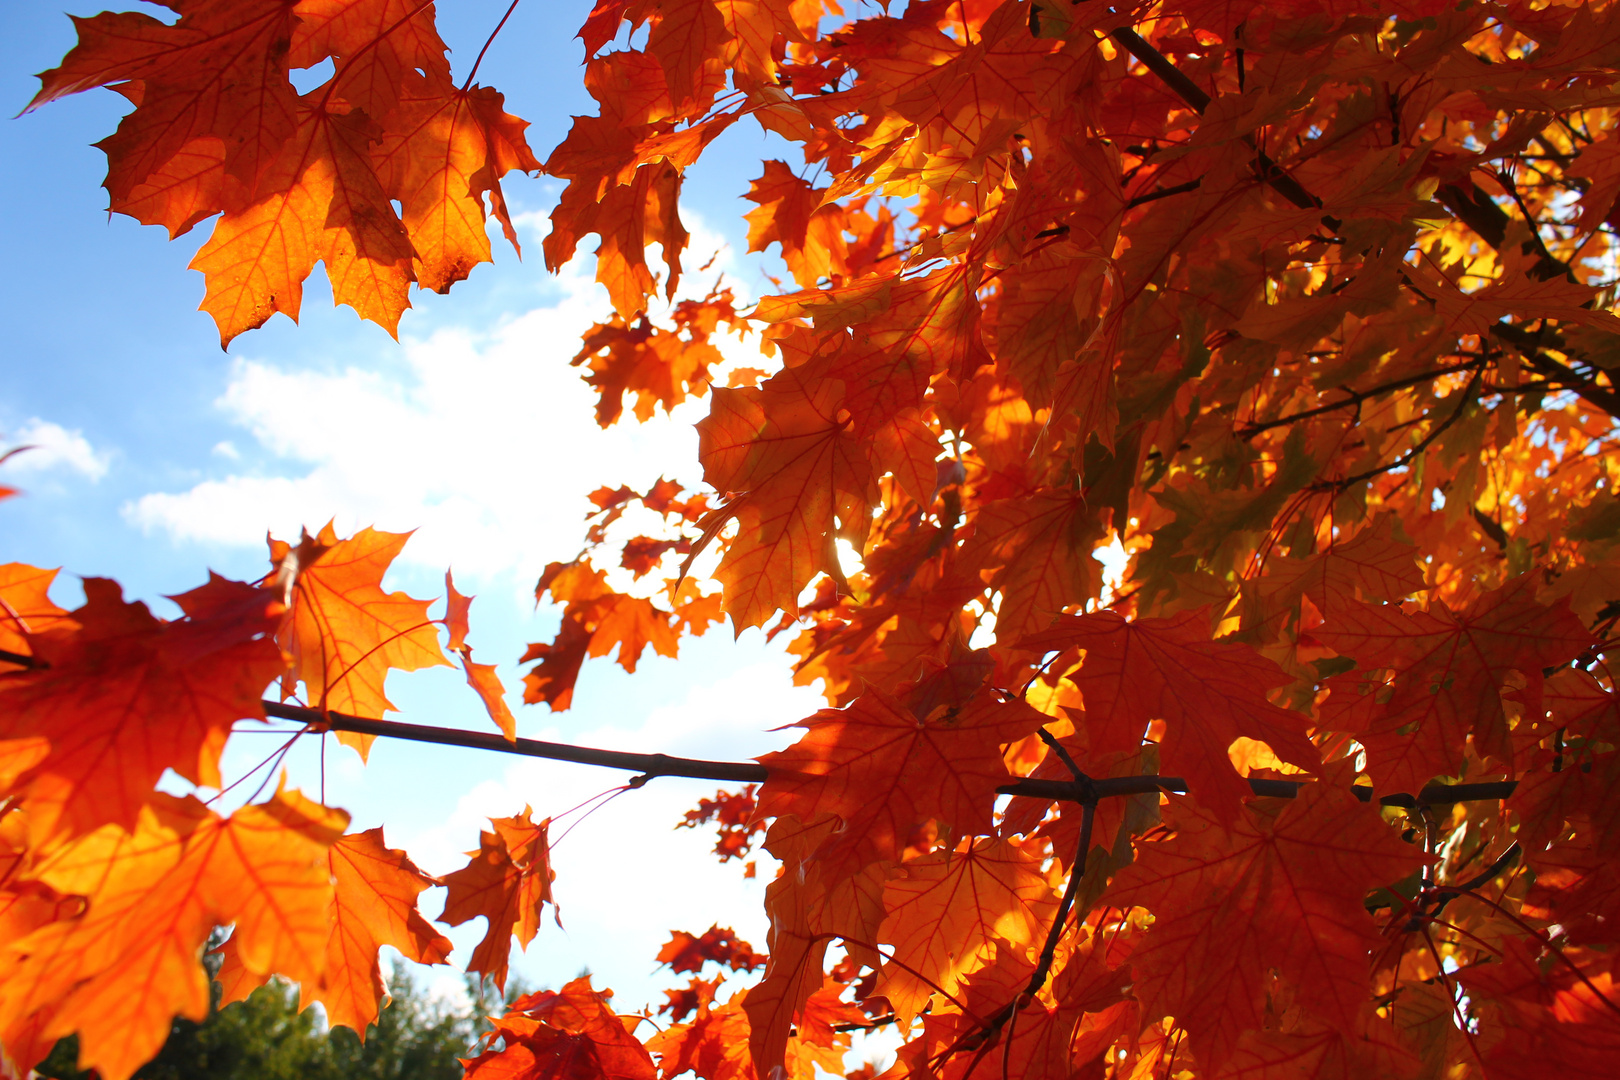 Der Herbst malt die Blätter wieder bunter...